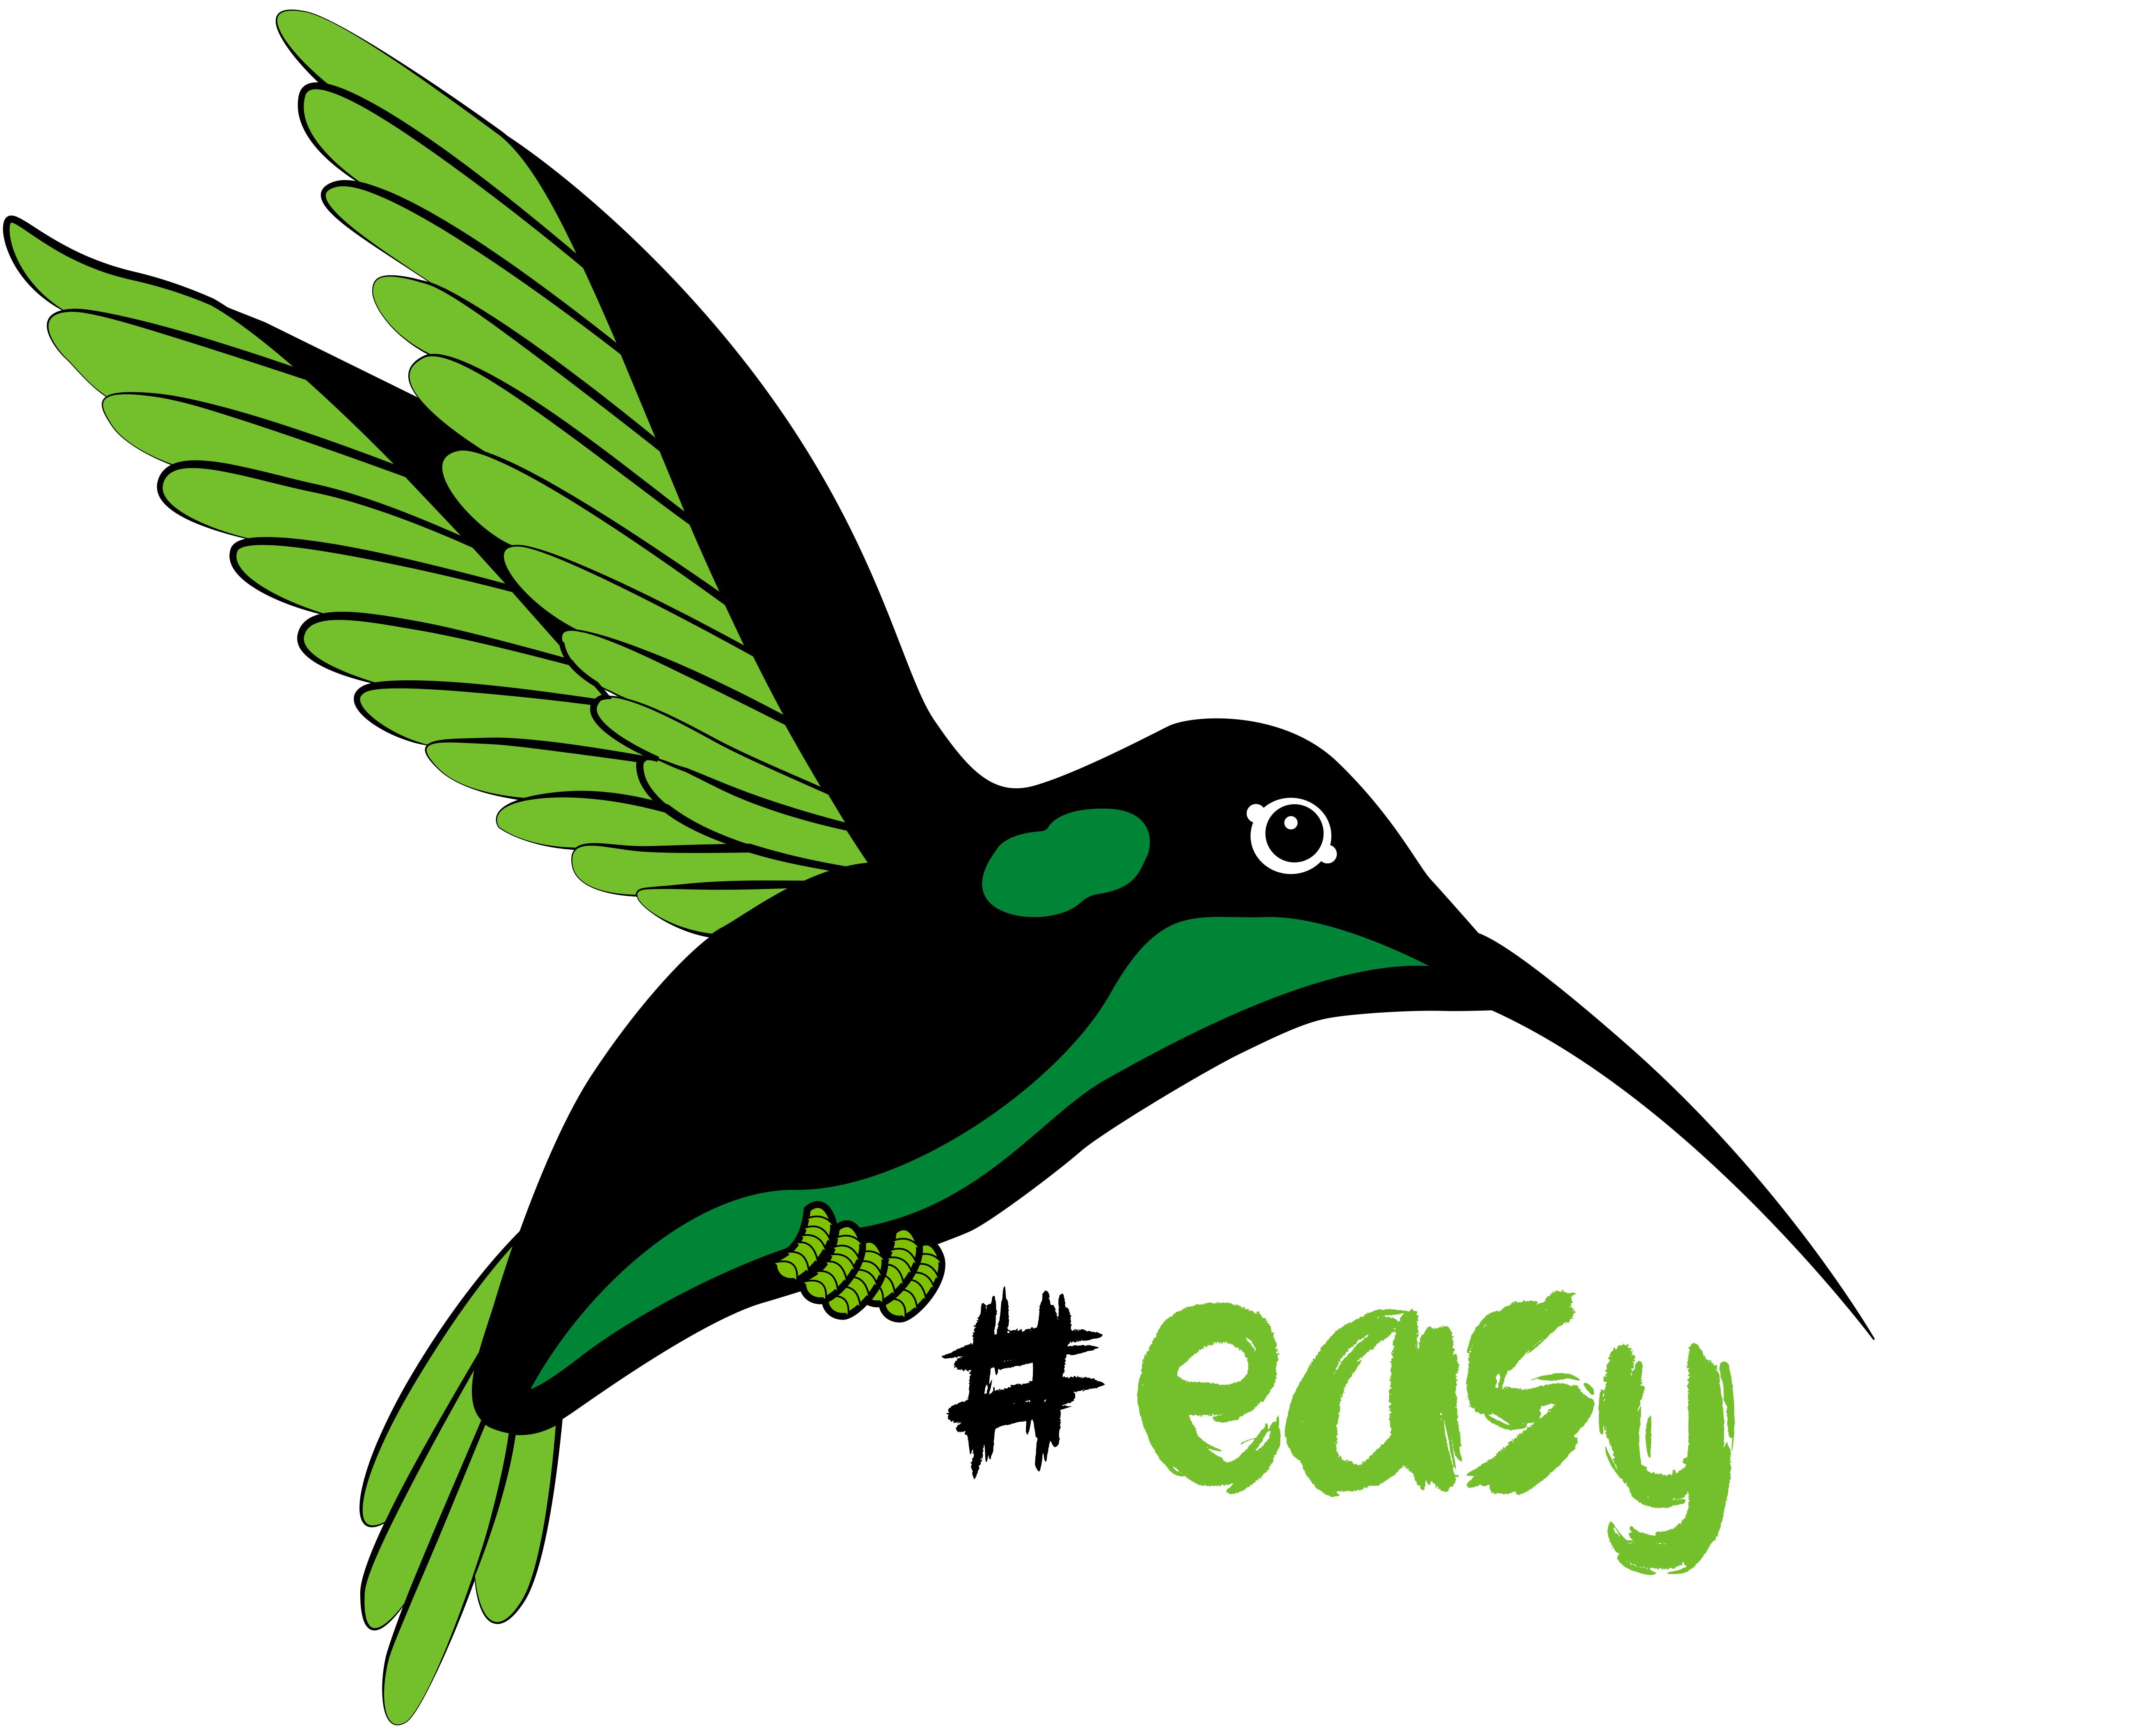 Разработка логотипа в виде хэштега #easy с зеленой колибри  фото f_2425d4db1f65ec91.jpg